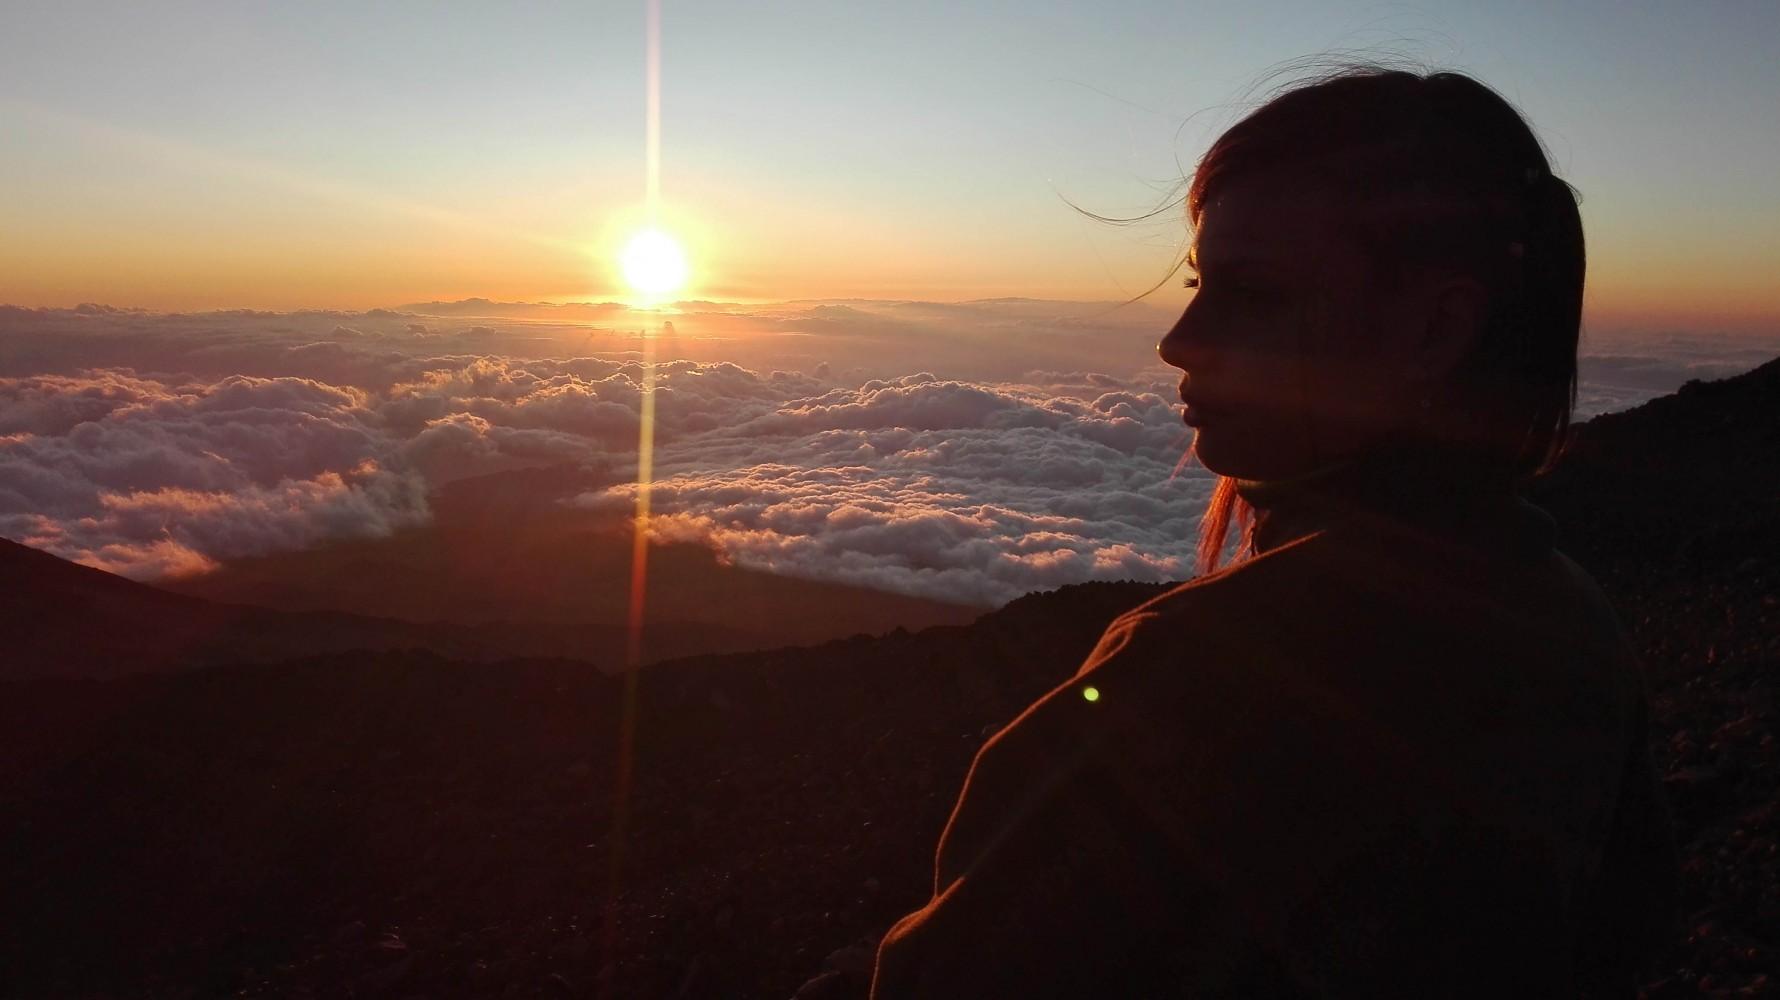 Тейде, Тенерифе: как добраться и увидеть закат